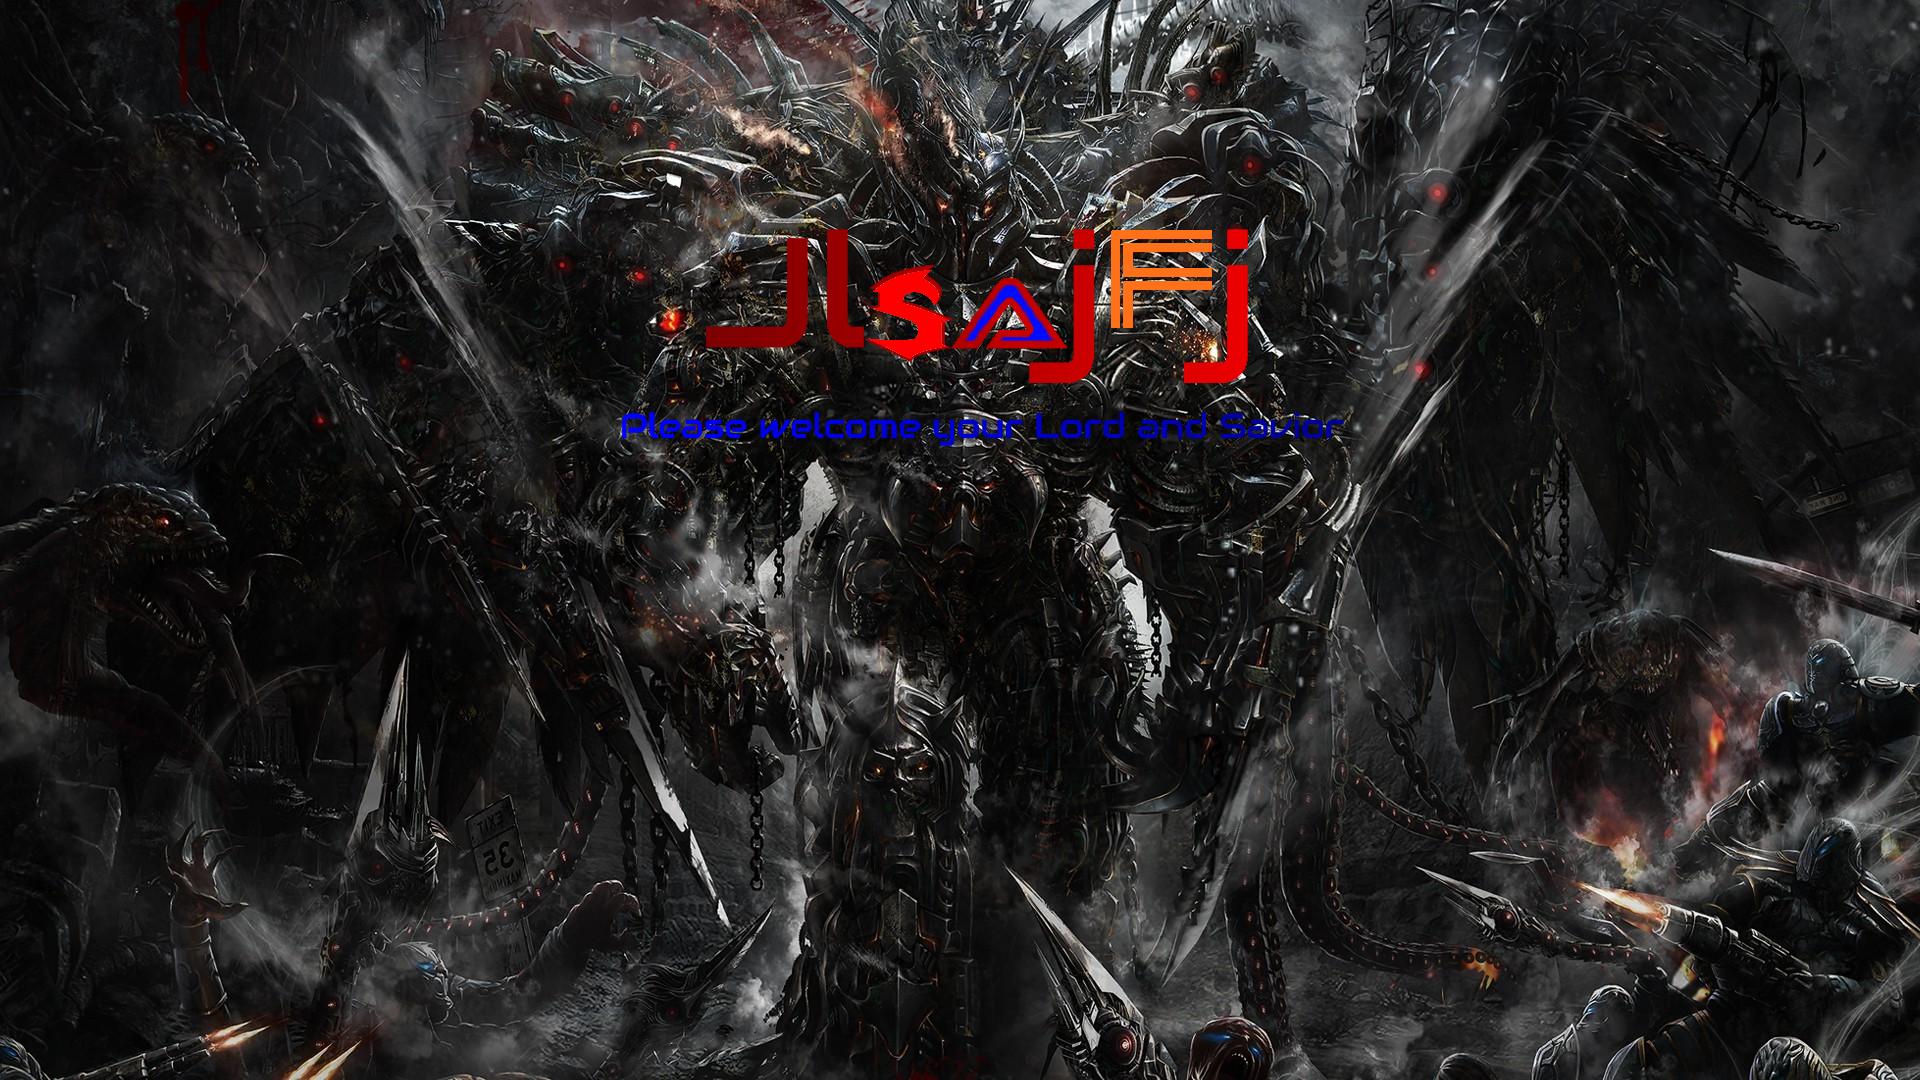 Logo for Jlsajfj